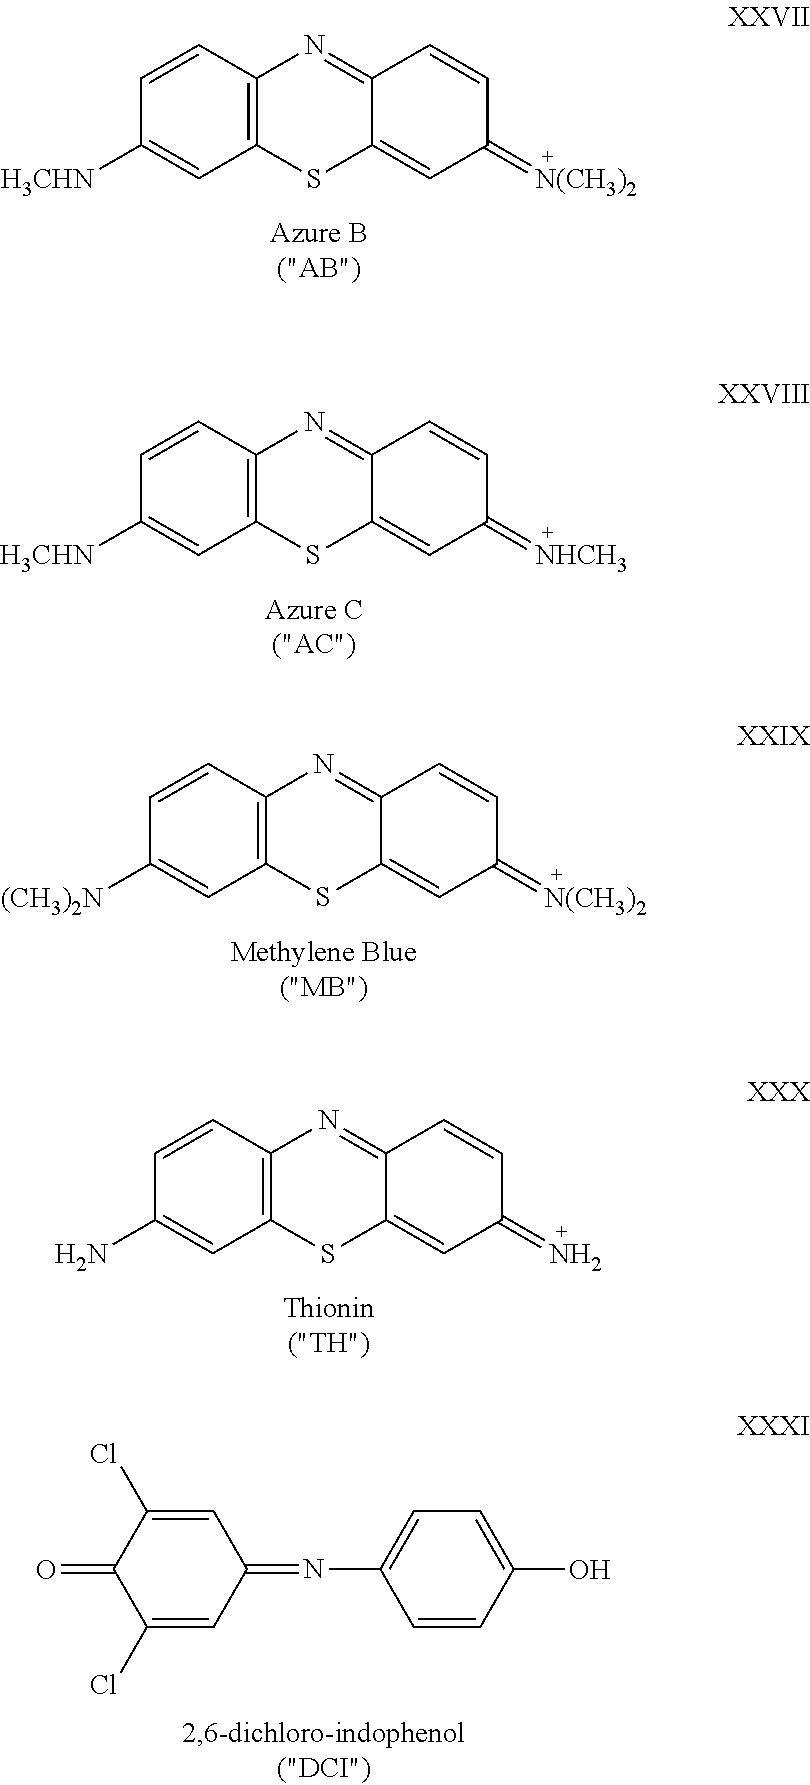 Figure US08610992-20131217-C00022